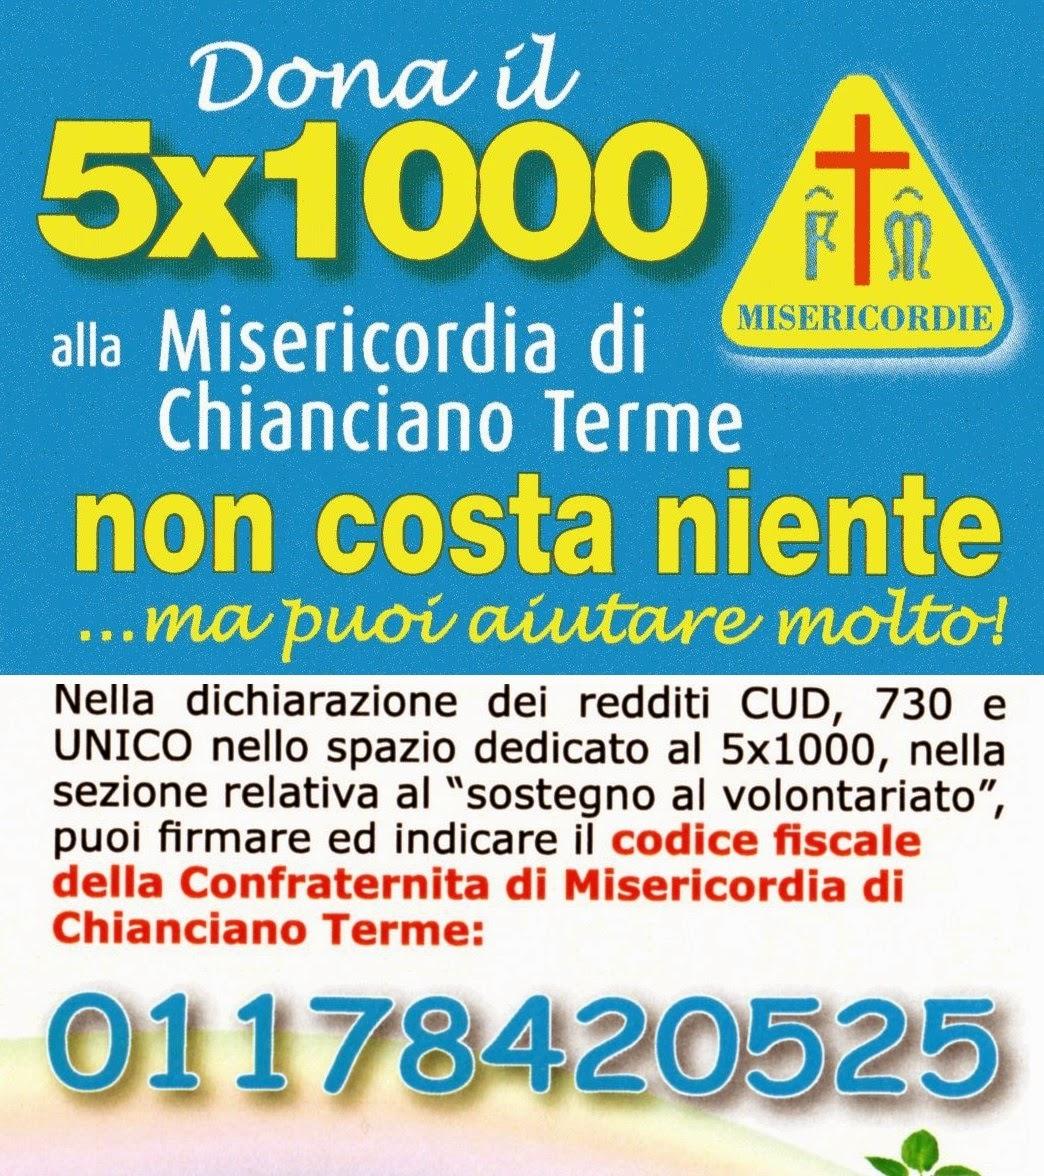 Dona il 5X1000 alla Misericordia di Chianciano Terme